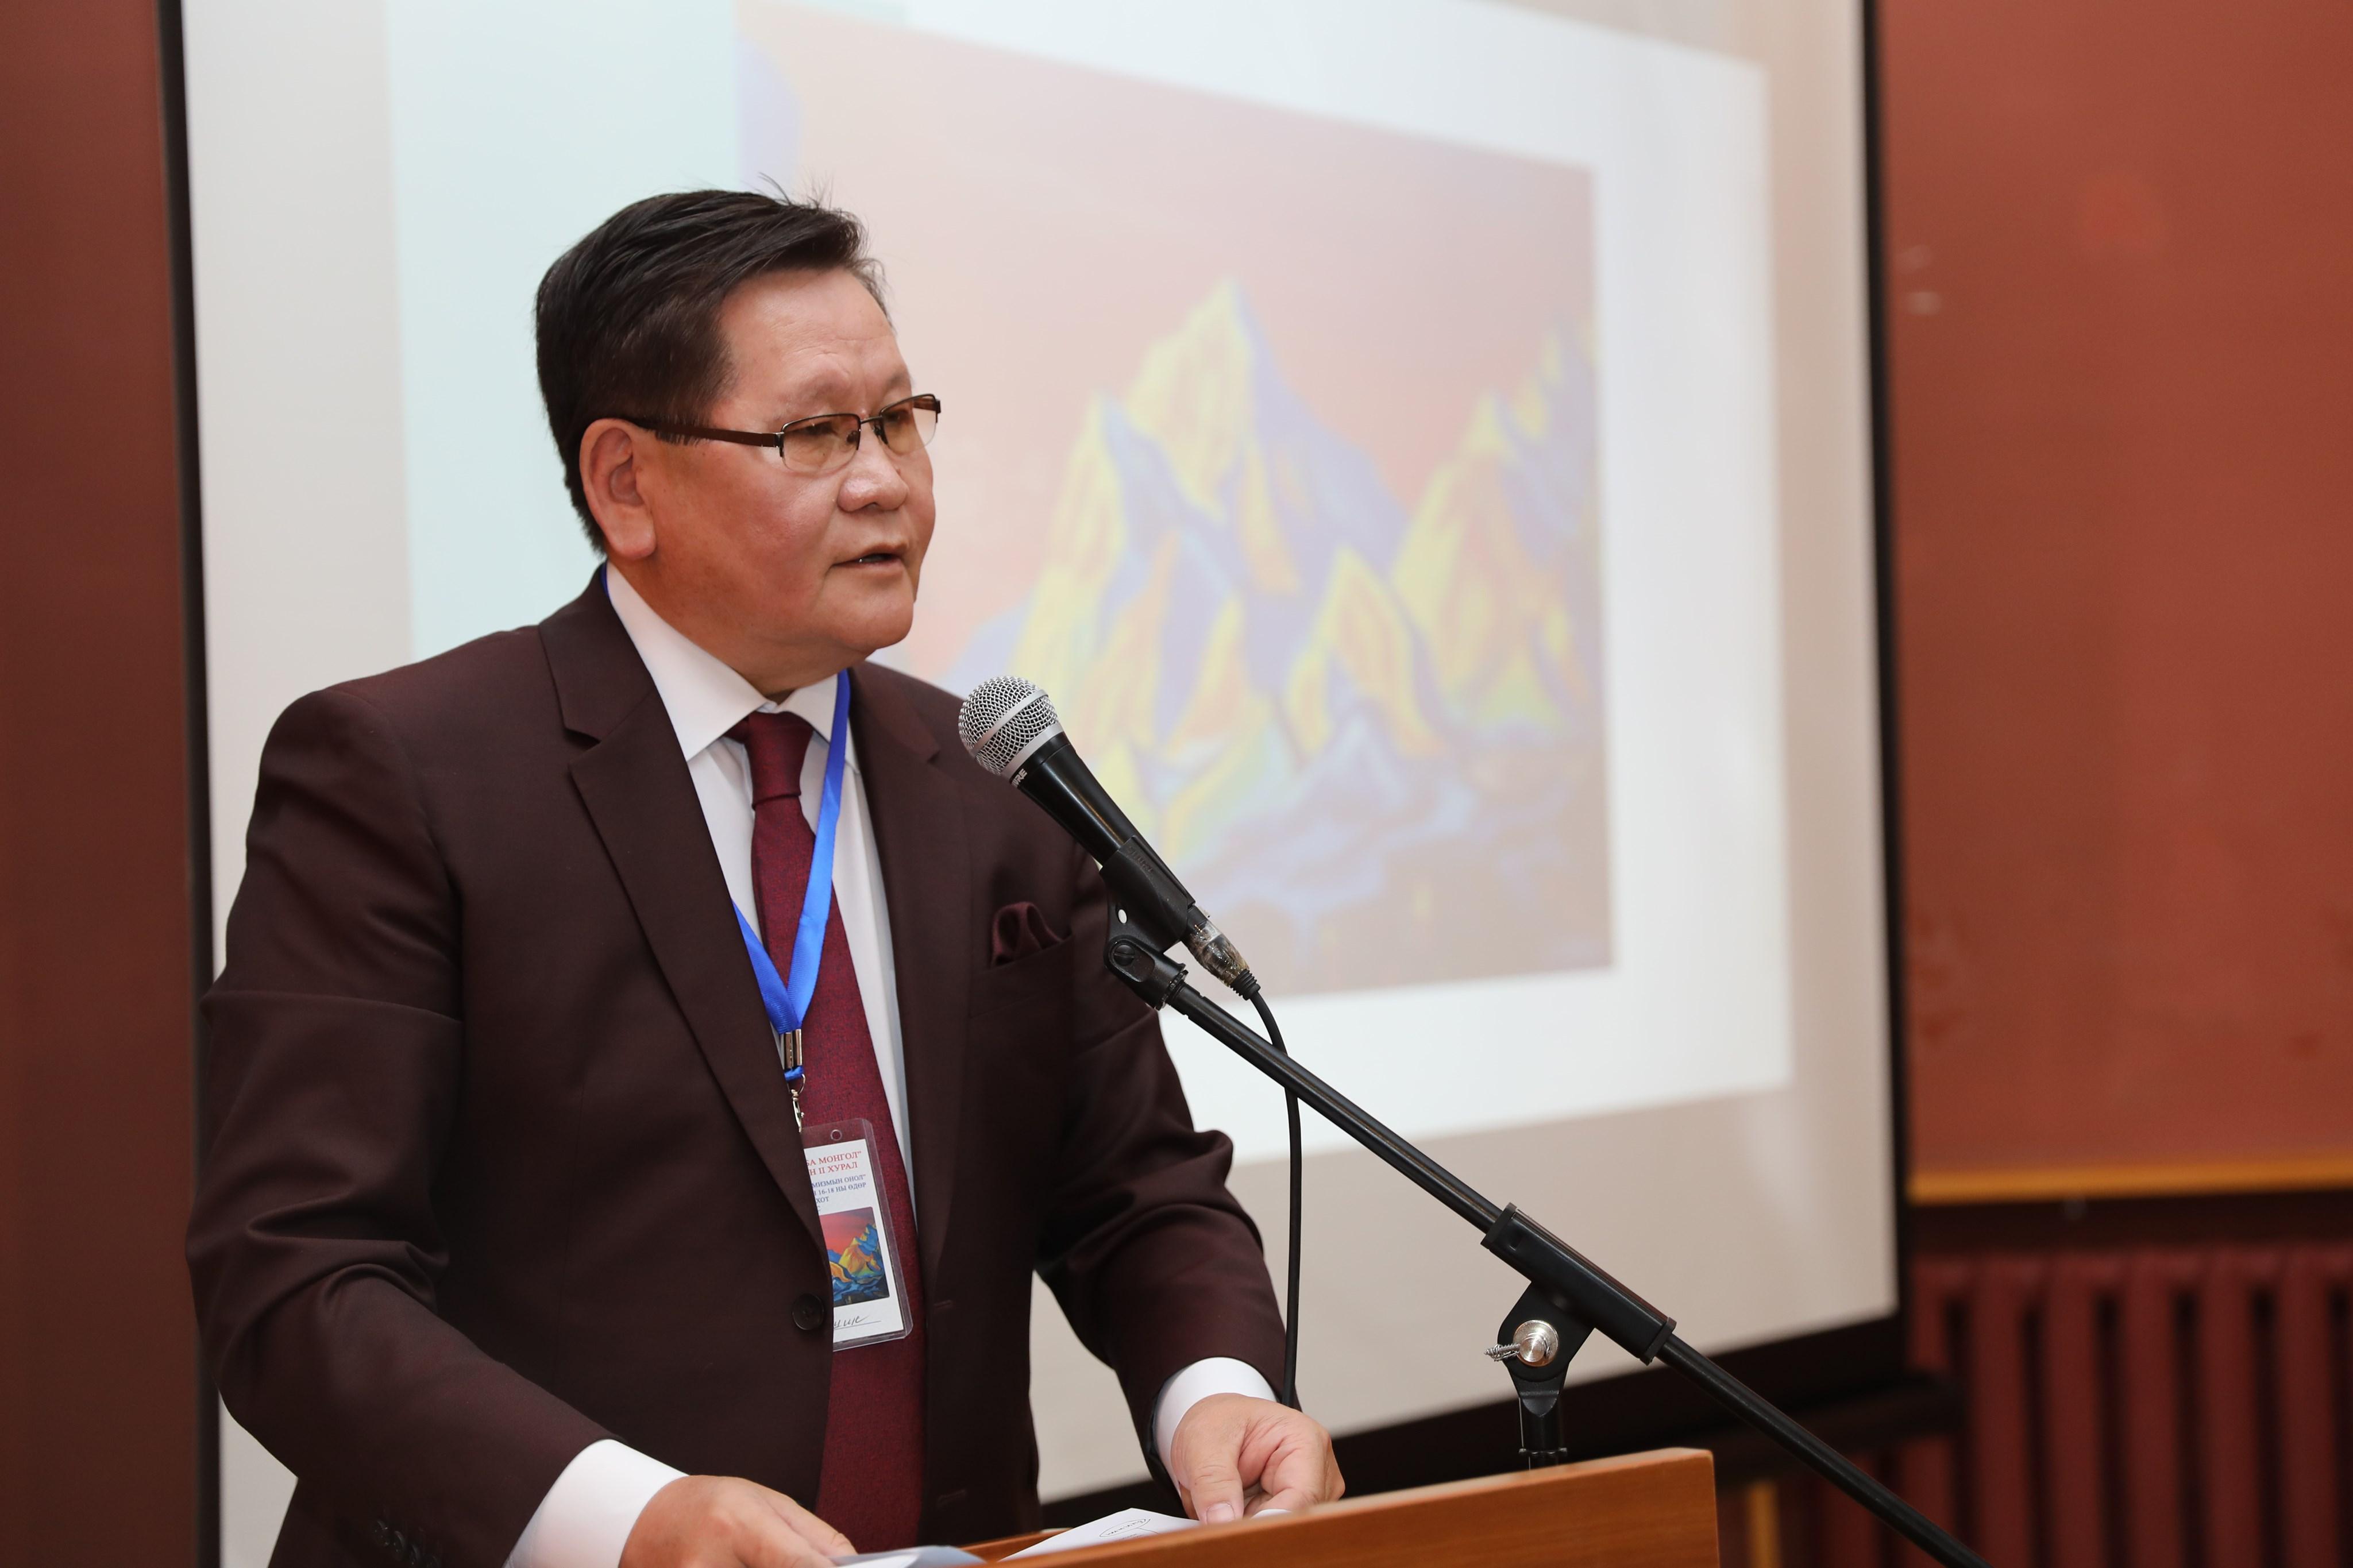 Ө.Энхтүвшин: Н.К.Рерих бол Монгол орны түүх, байгалийн дүрслэлийг бүтээлийнхээ нэгэн чухал сэдэв болгодгоороо онцлогтой